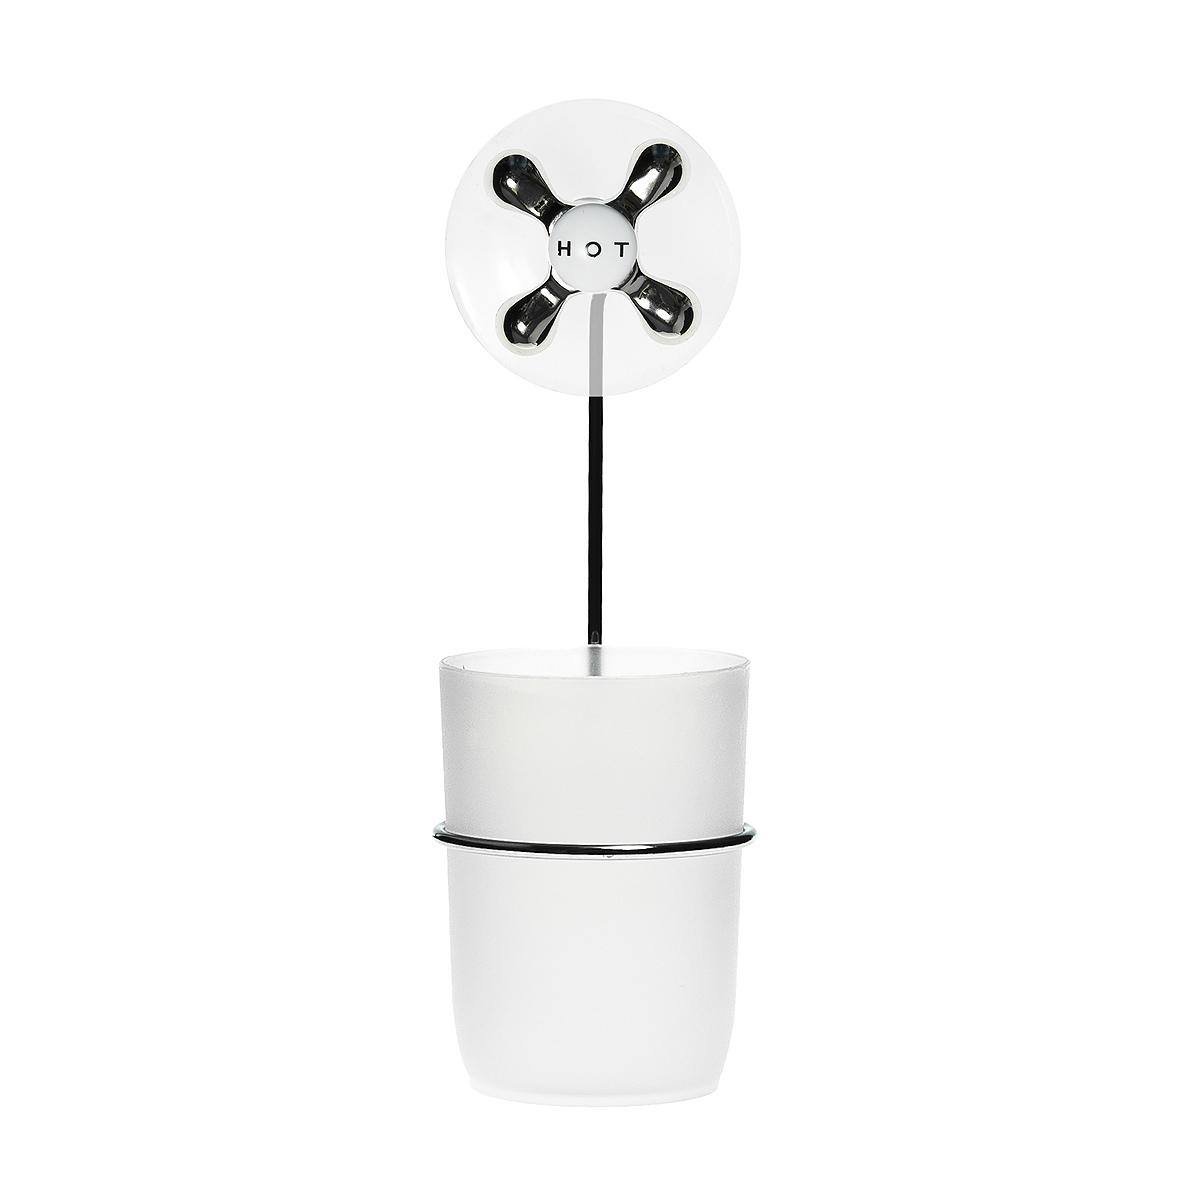 Стакан для ванной комнаты Fresh Code Кран, с держателем56488Стакан для ванной комнаты Fresh Code Кран изготовлен из высокопрочного матового пластика. Для стакана предусмотрен специальный держатель, выполненный из стали с хромированным покрытием. Держатель крепится к стене при помощи присоски, украшенной фигуркой в виде вентиля крана. В стакане удобно хранить зубные щетки, пасту и другие принадлежности. Аксессуары для ванной комнаты Fresh Code стильно украсят интерьер и добавят в обычную обстановку яркие и модные акценты. Стакан идеально подойдет к любому стилю ванной комнаты. Размер стакана: 7 см х 7 см х 10 см. Высота держателя: 15 см.